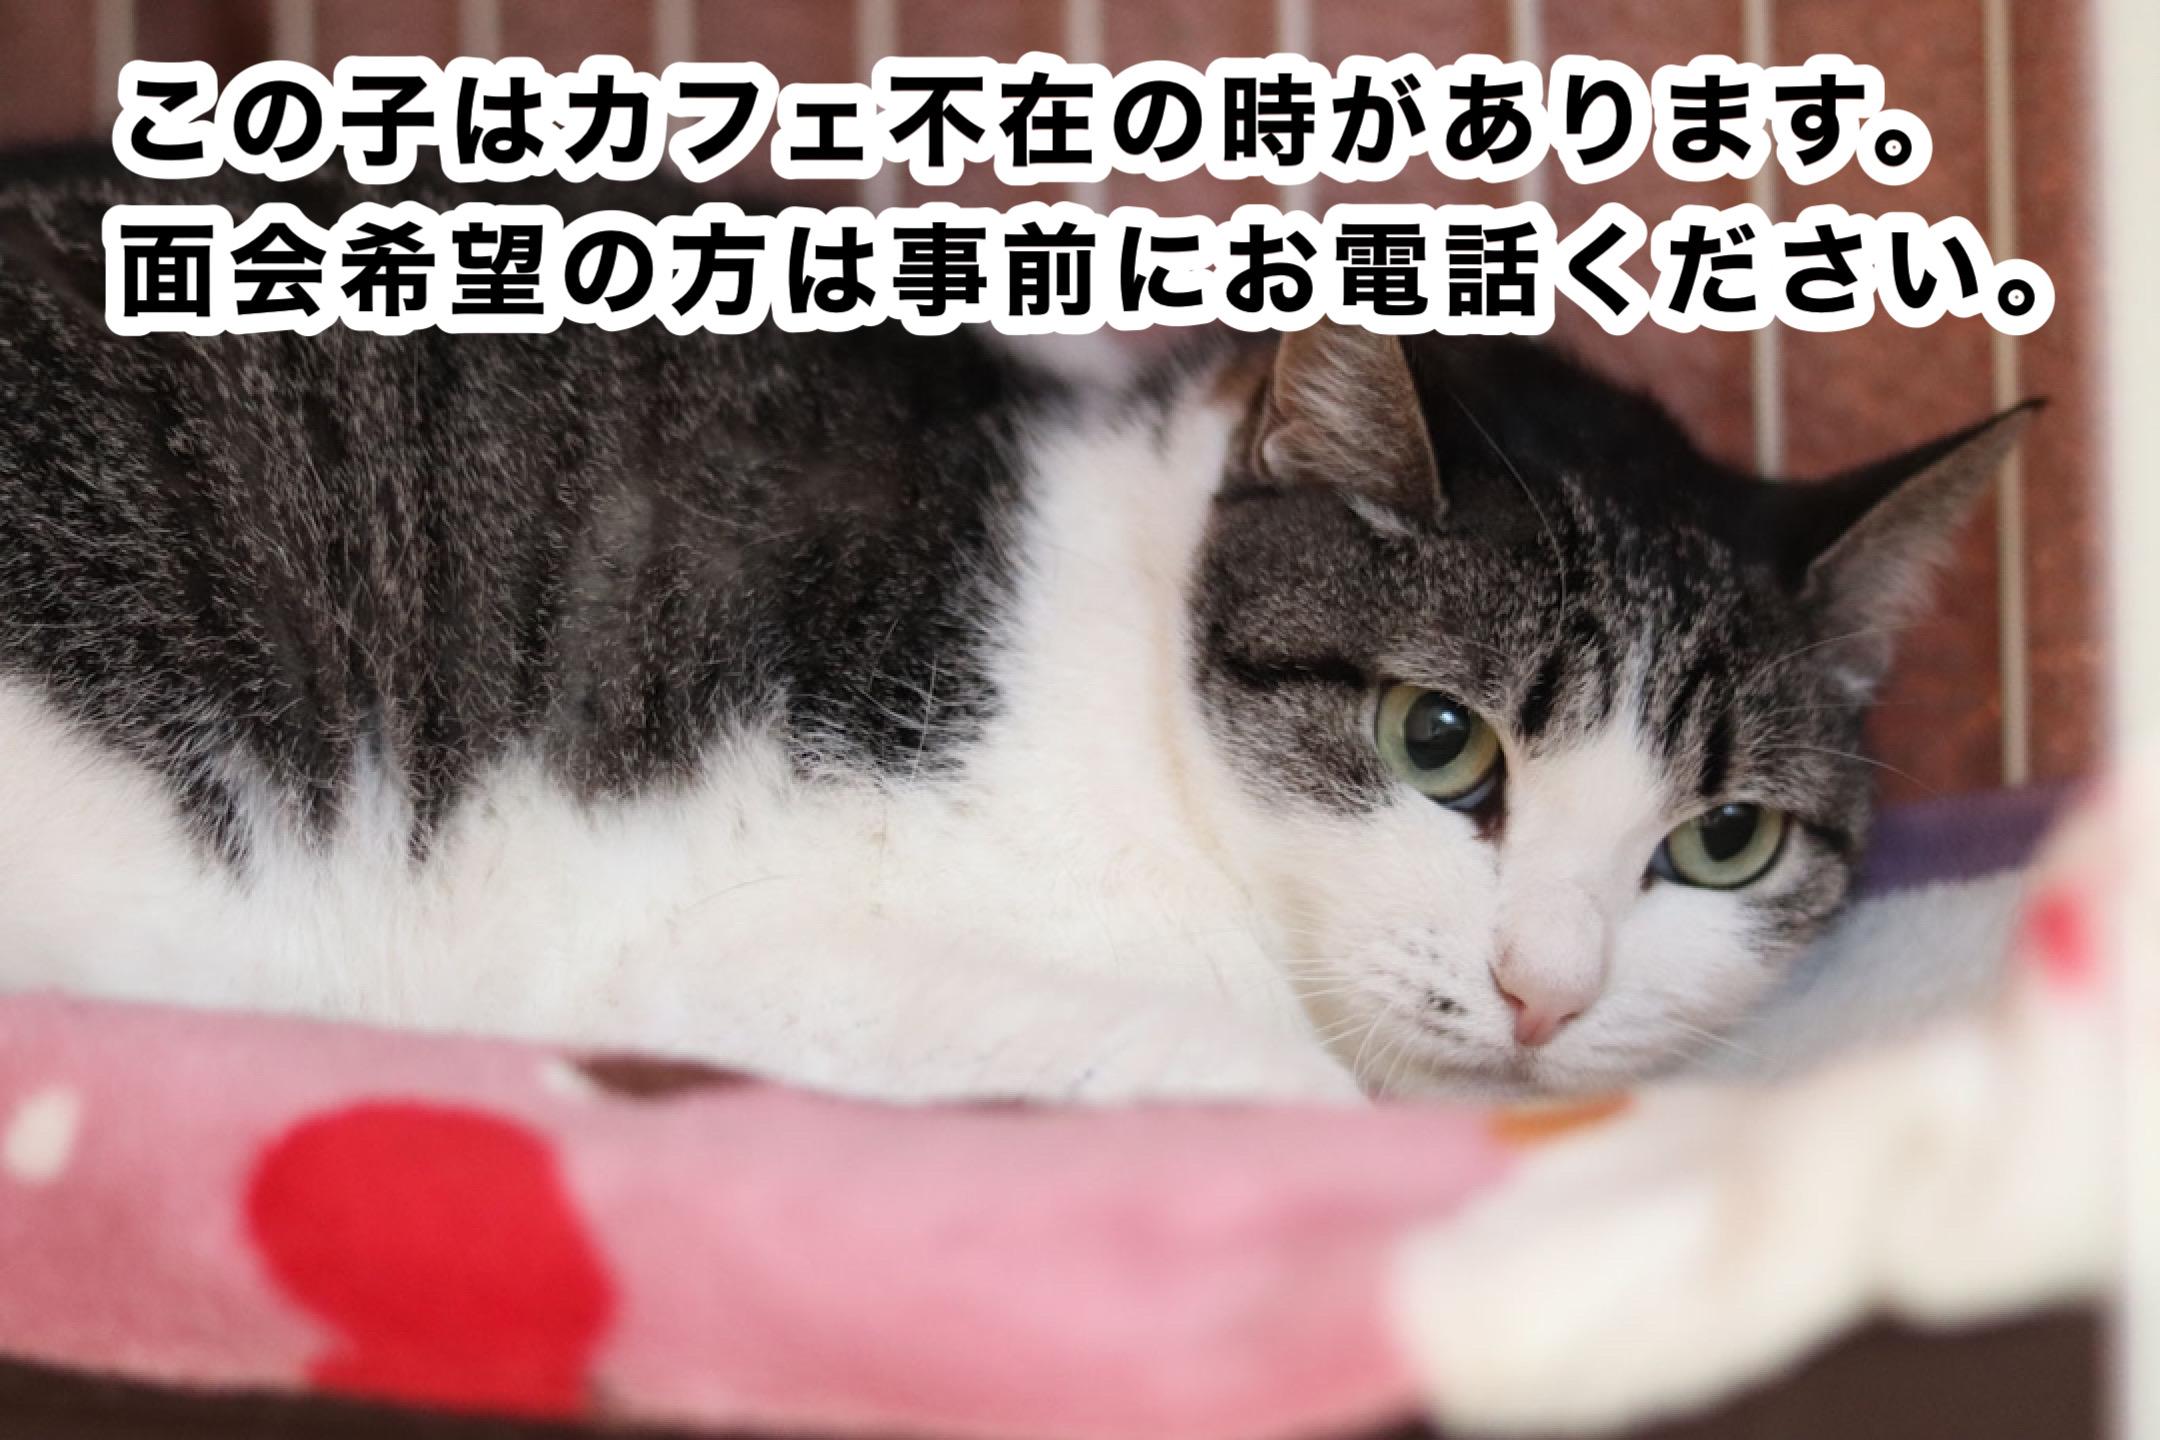 <ul> <li>猫種:日本猫 性別:女の子 名前:ジル 年齢:2016年頃生まれ 保護経緯:飼い主が高齢になり施設へ入居し、親族も引き継いで飼うことが出来ない</li> </ul>